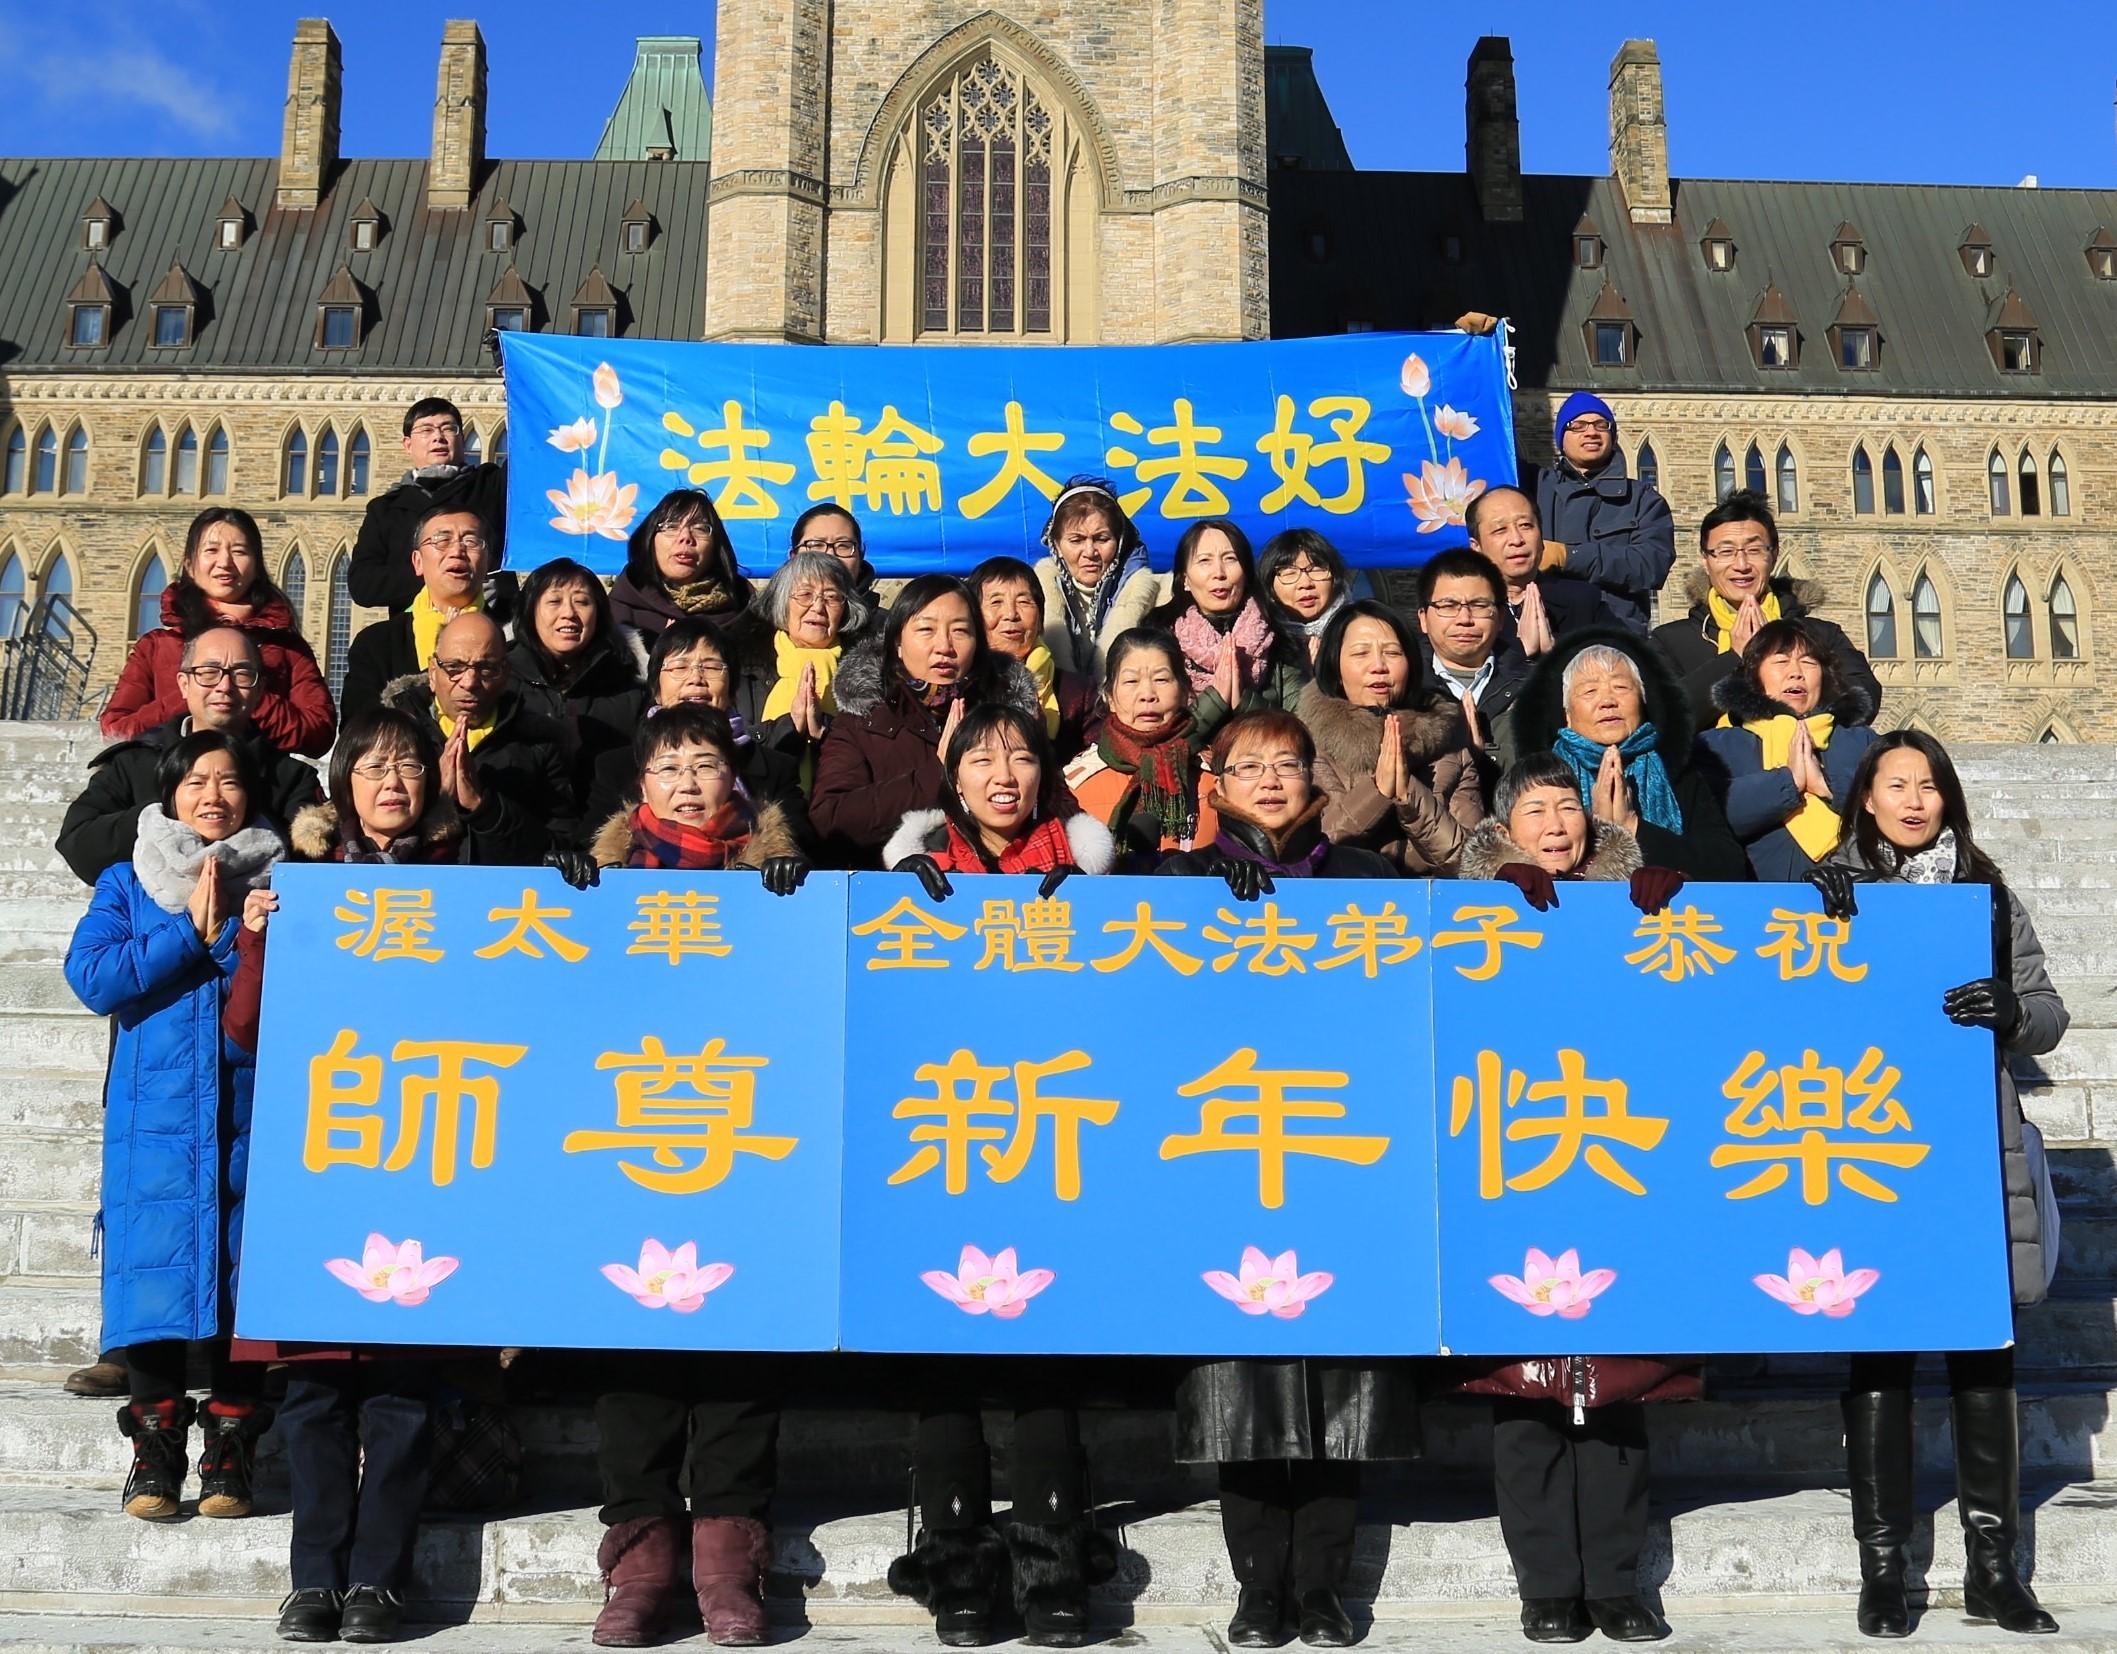 渥太華法輪功學員恭祝師尊新年快樂。(大紀元)